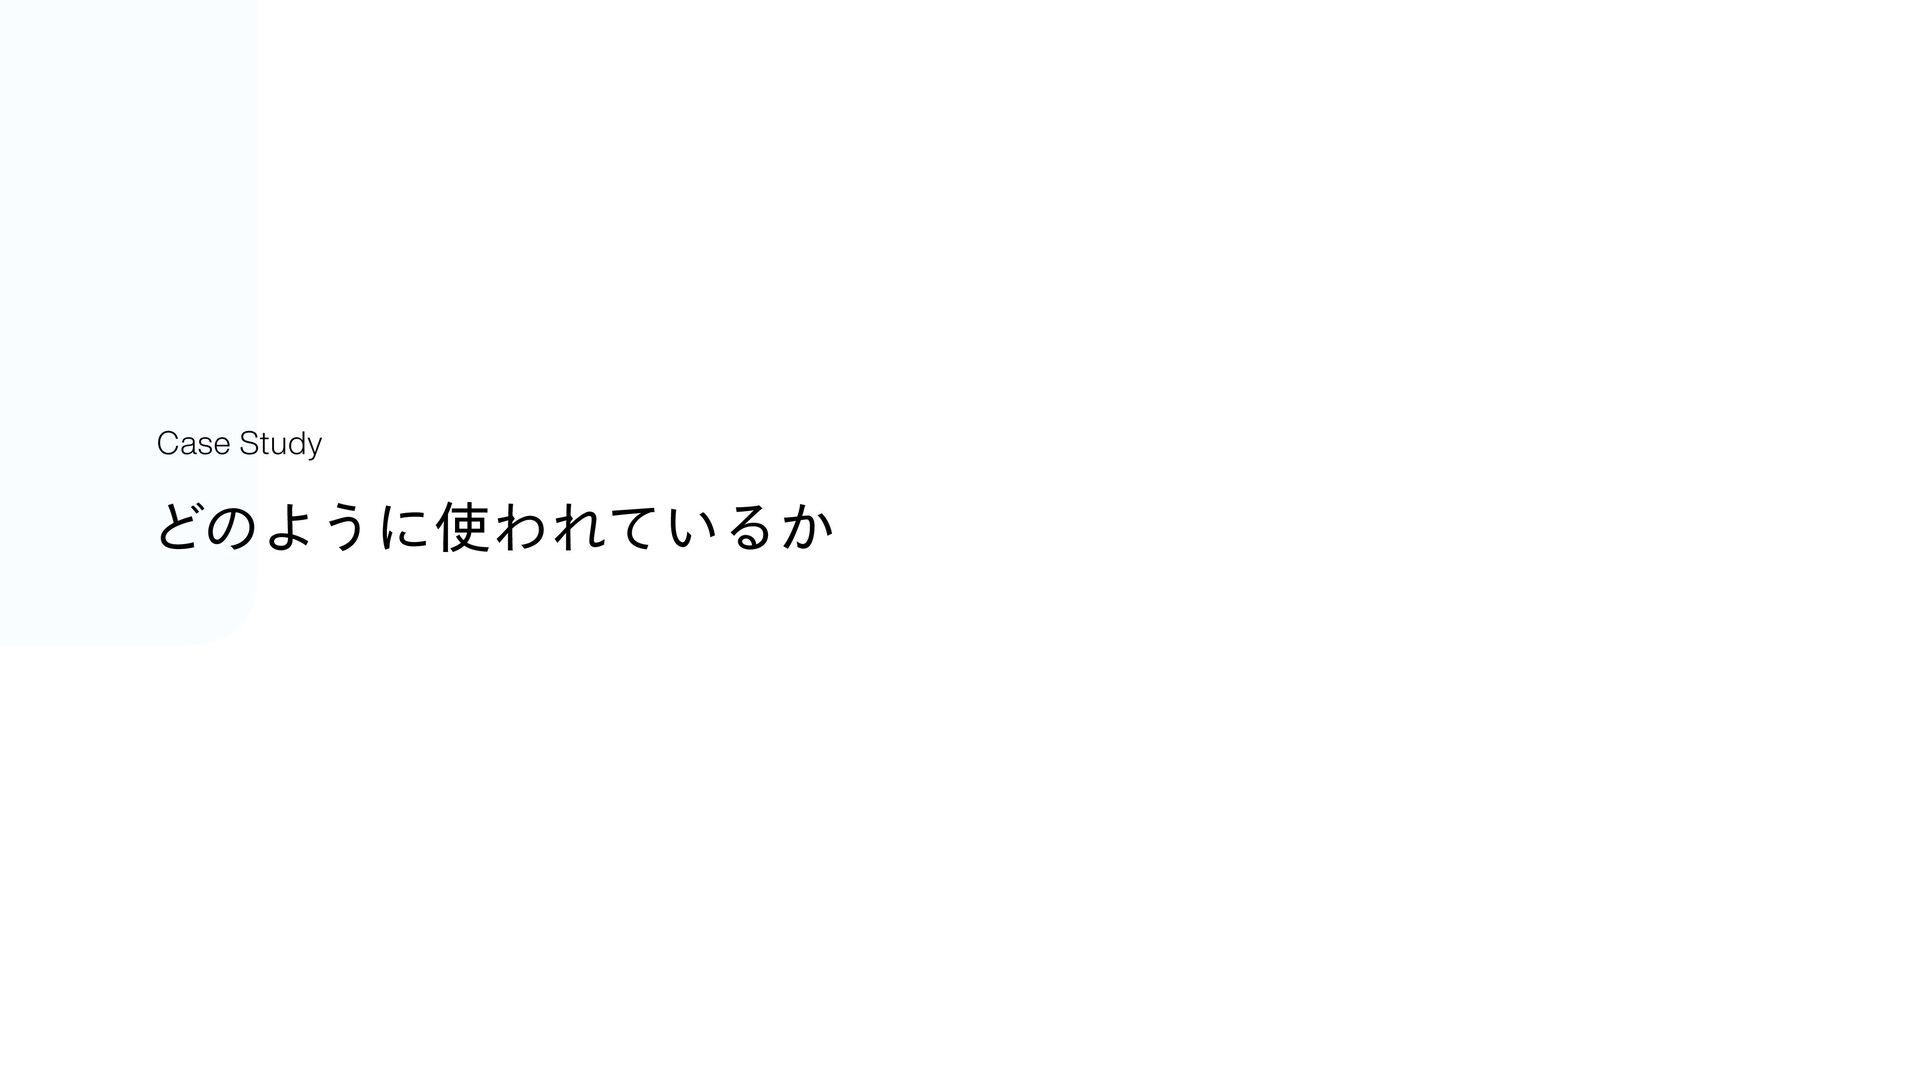 ͲͷΑ͏ʹΘΕ͍ͯΔ͔ Case Study